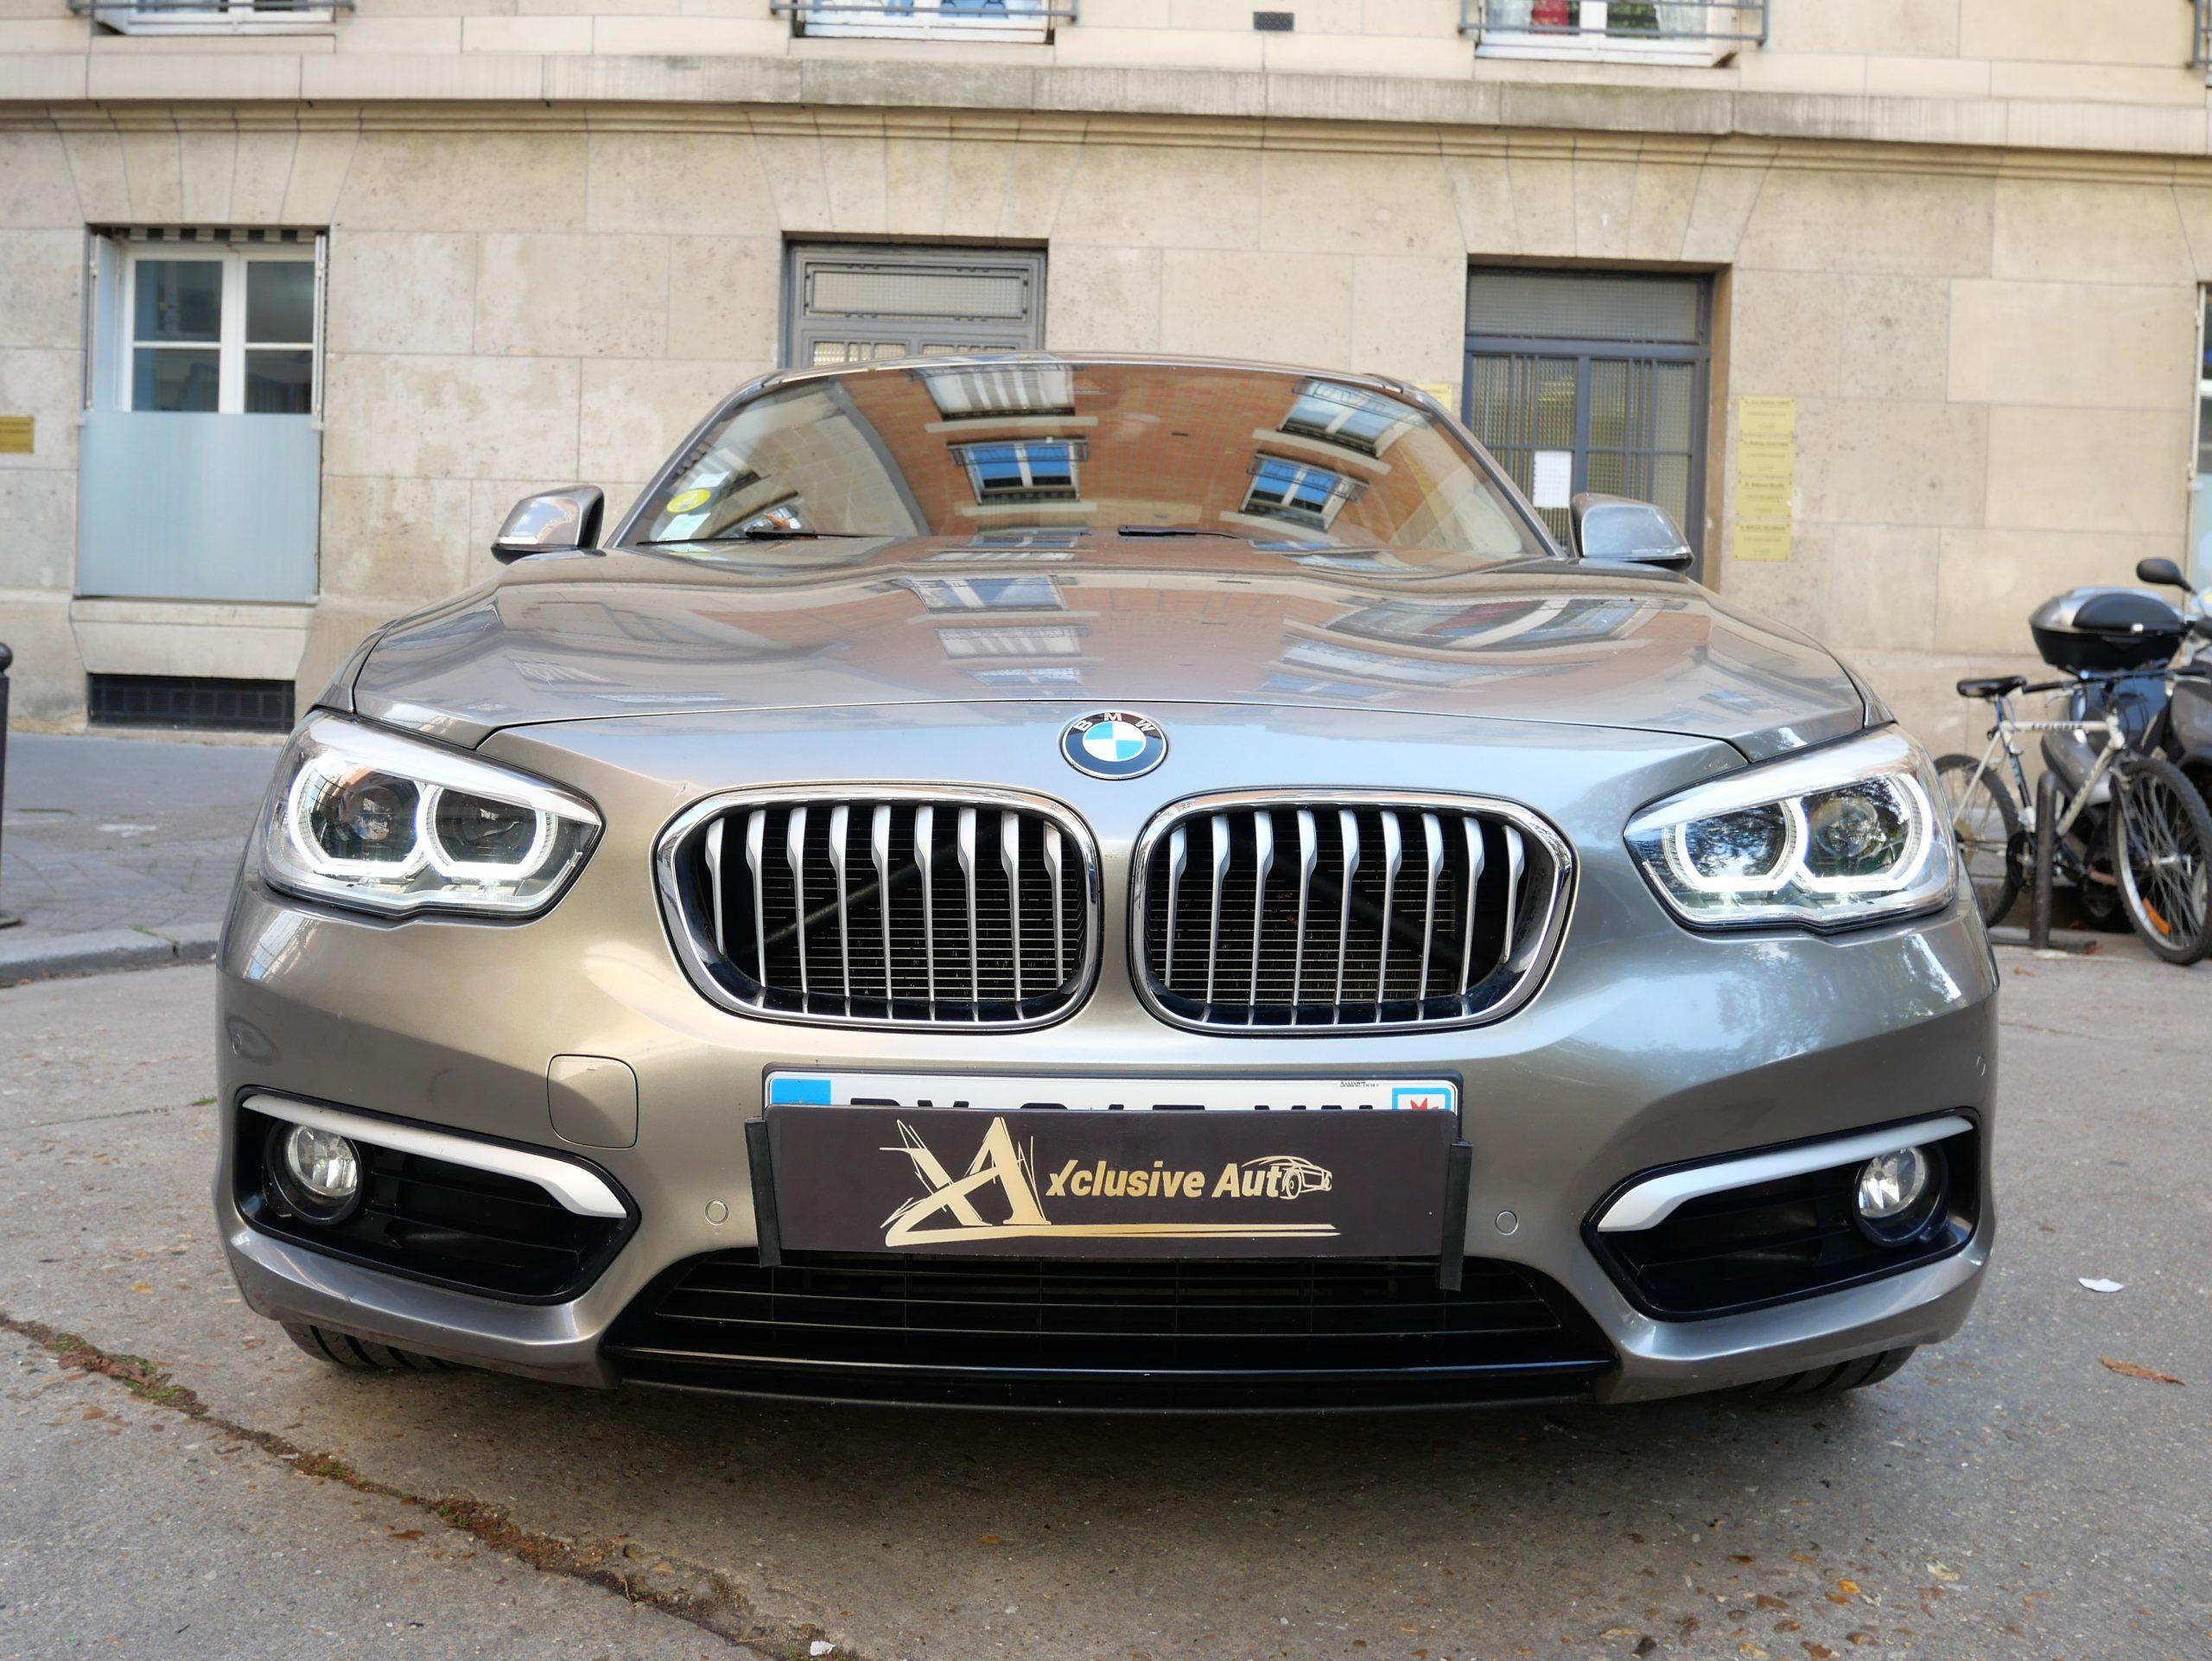 BMW Série 1 (F20) XDrive LCI 120d 2.0 d 190ch 7